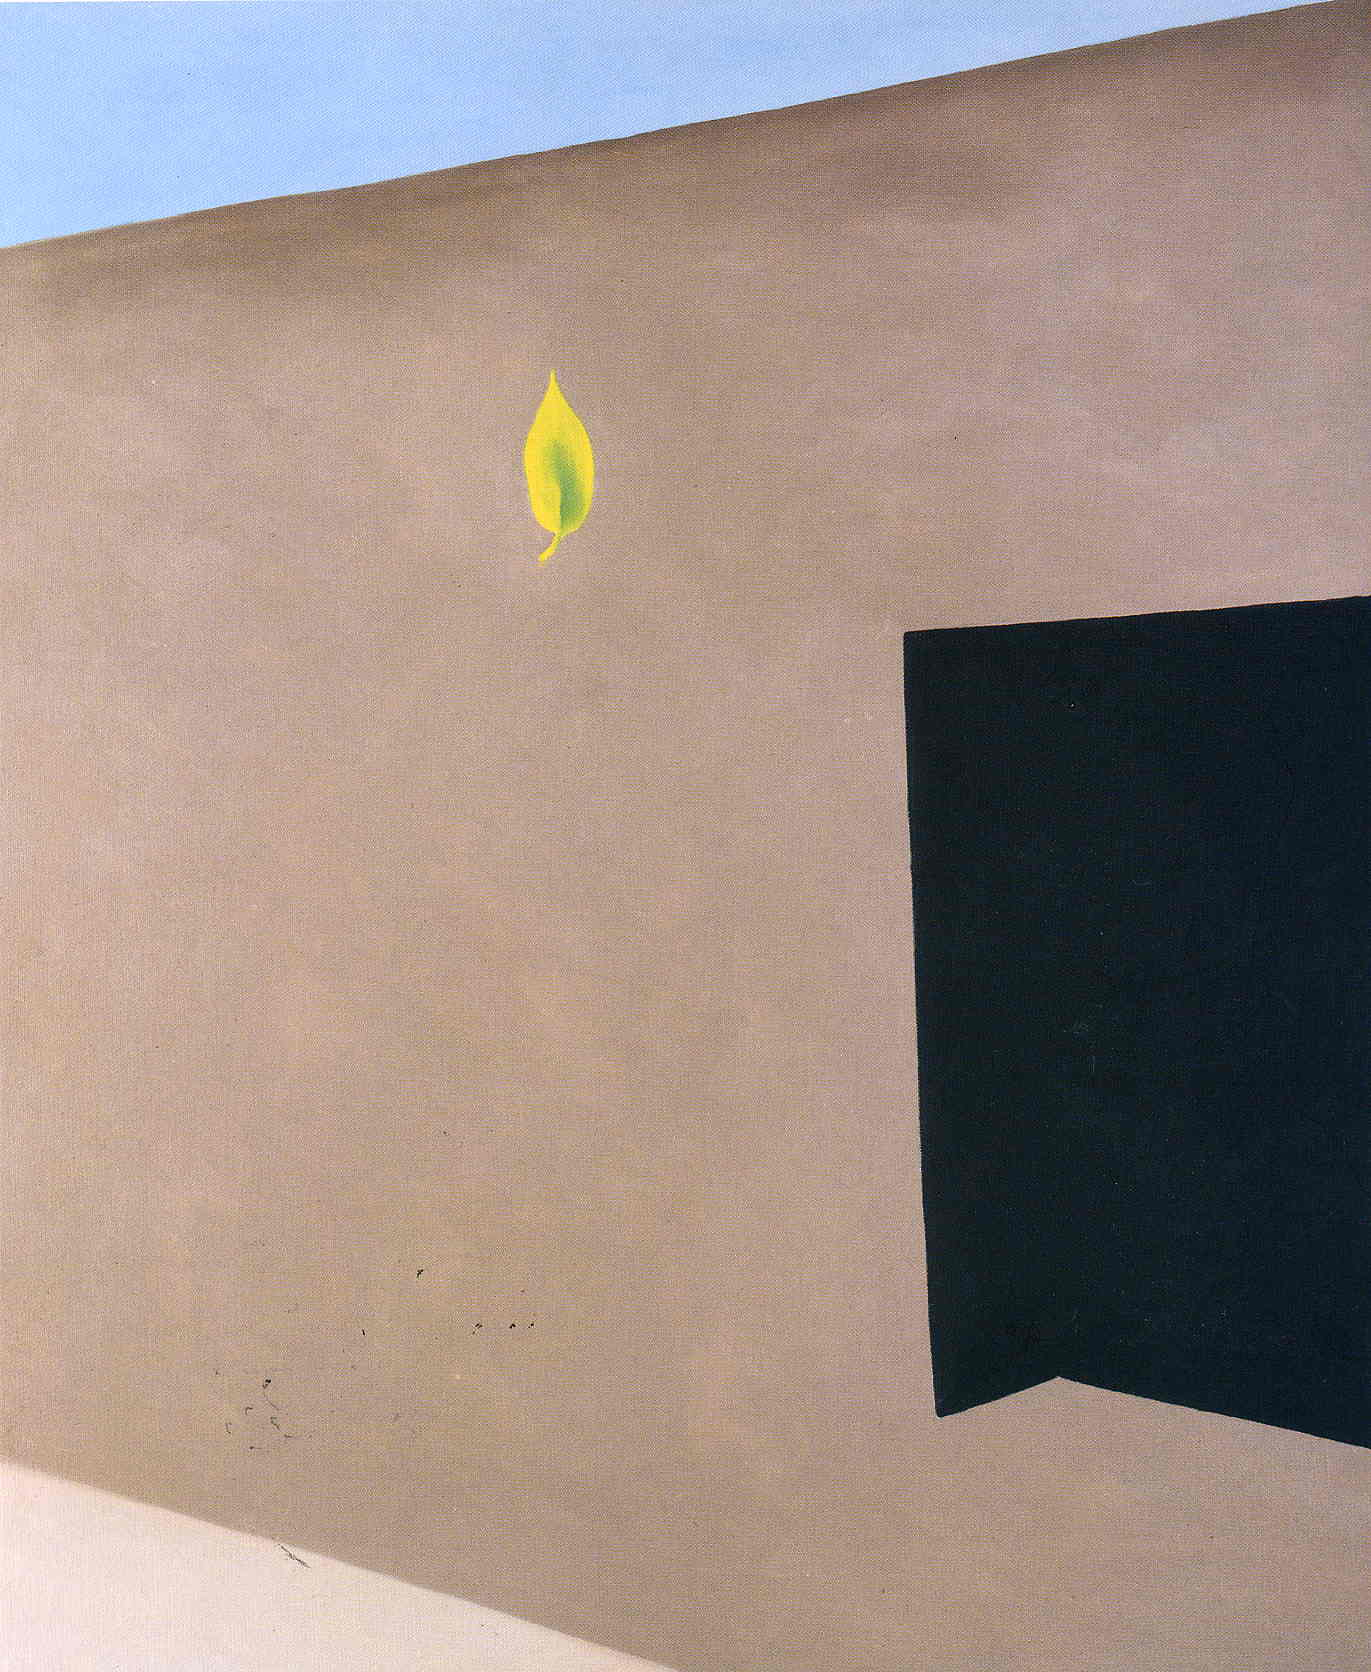 Patio Door With Green Leaf Georgia OKeeffe WikiArtorg - Georgia patio